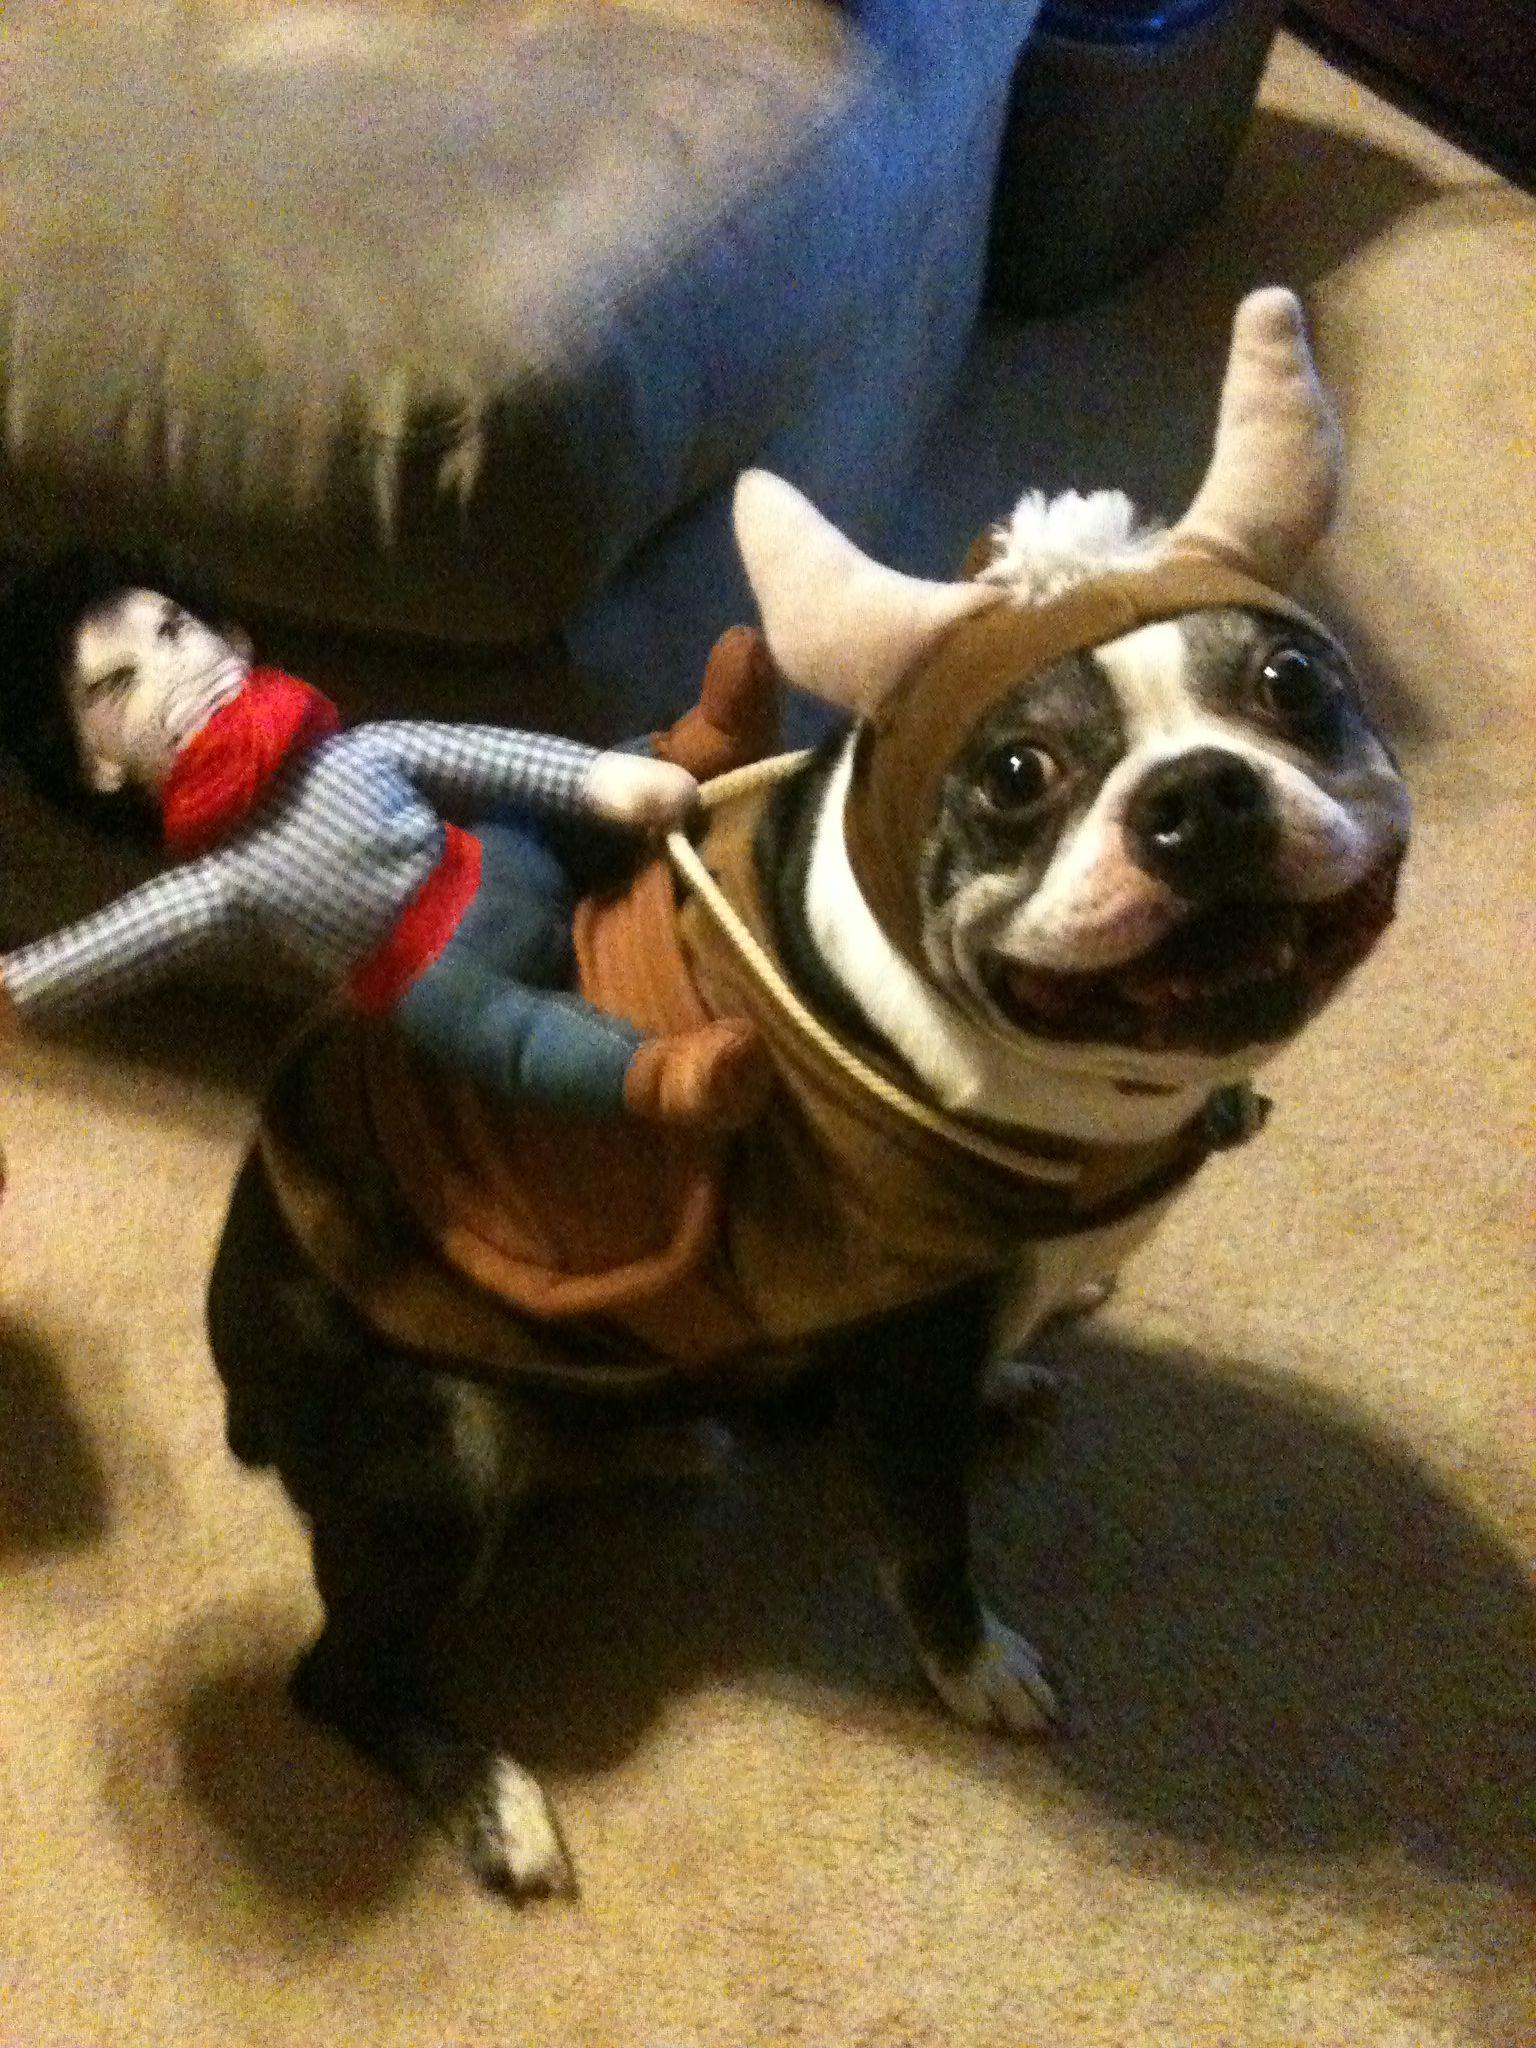 Boston Terrier Halloween Costume | Pets | Pinterest | Boston ...